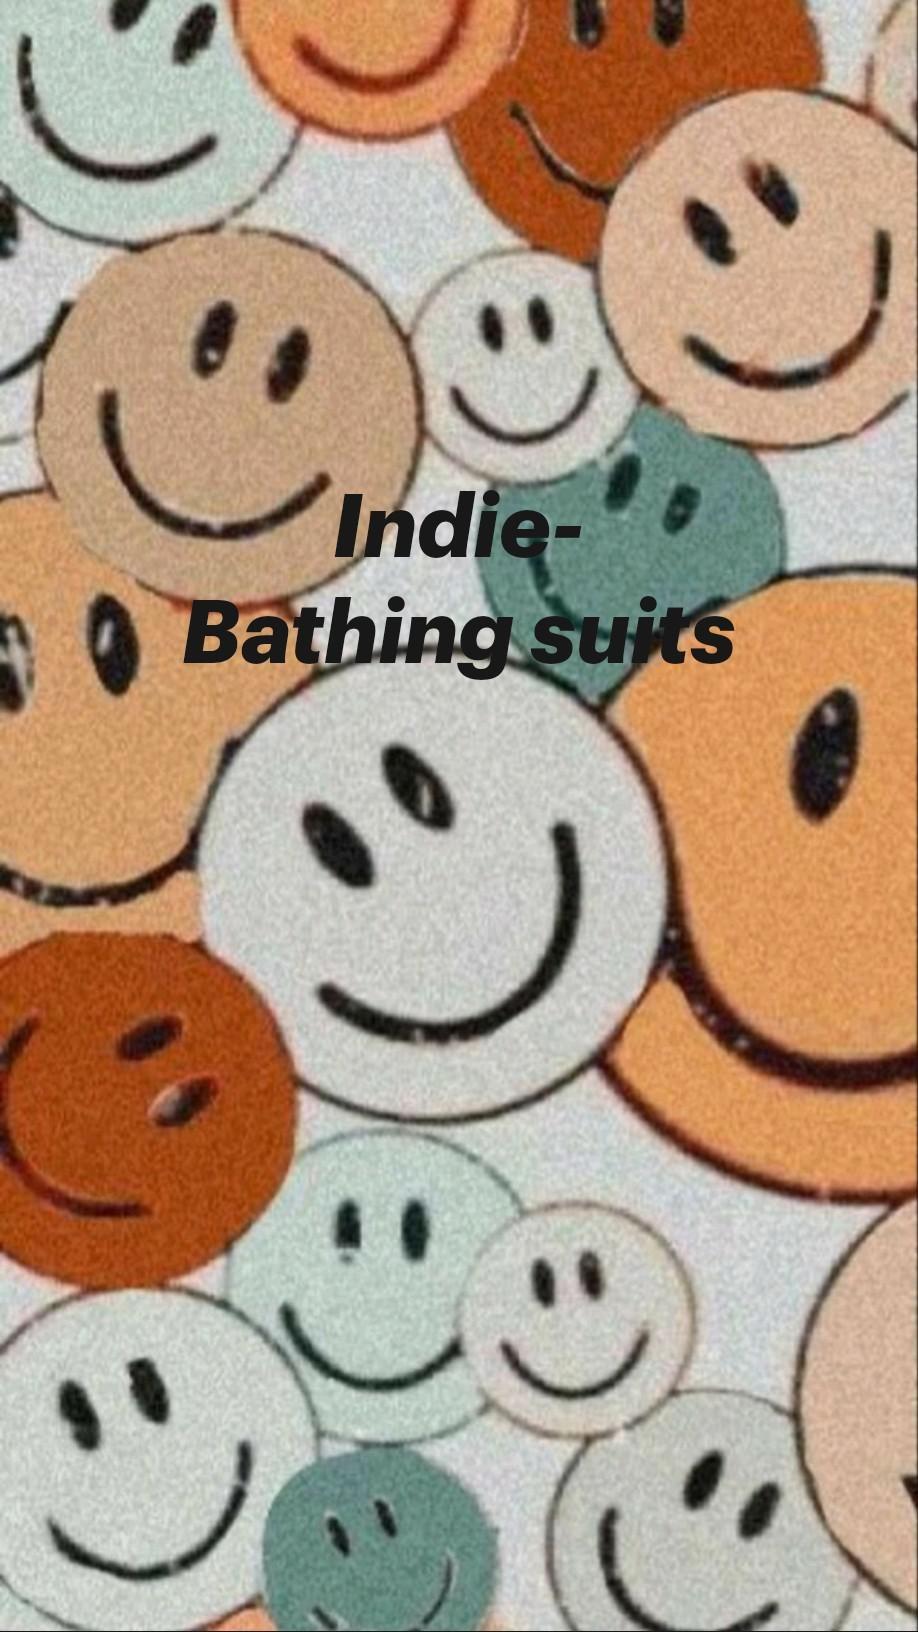 Indie- Bathing suits